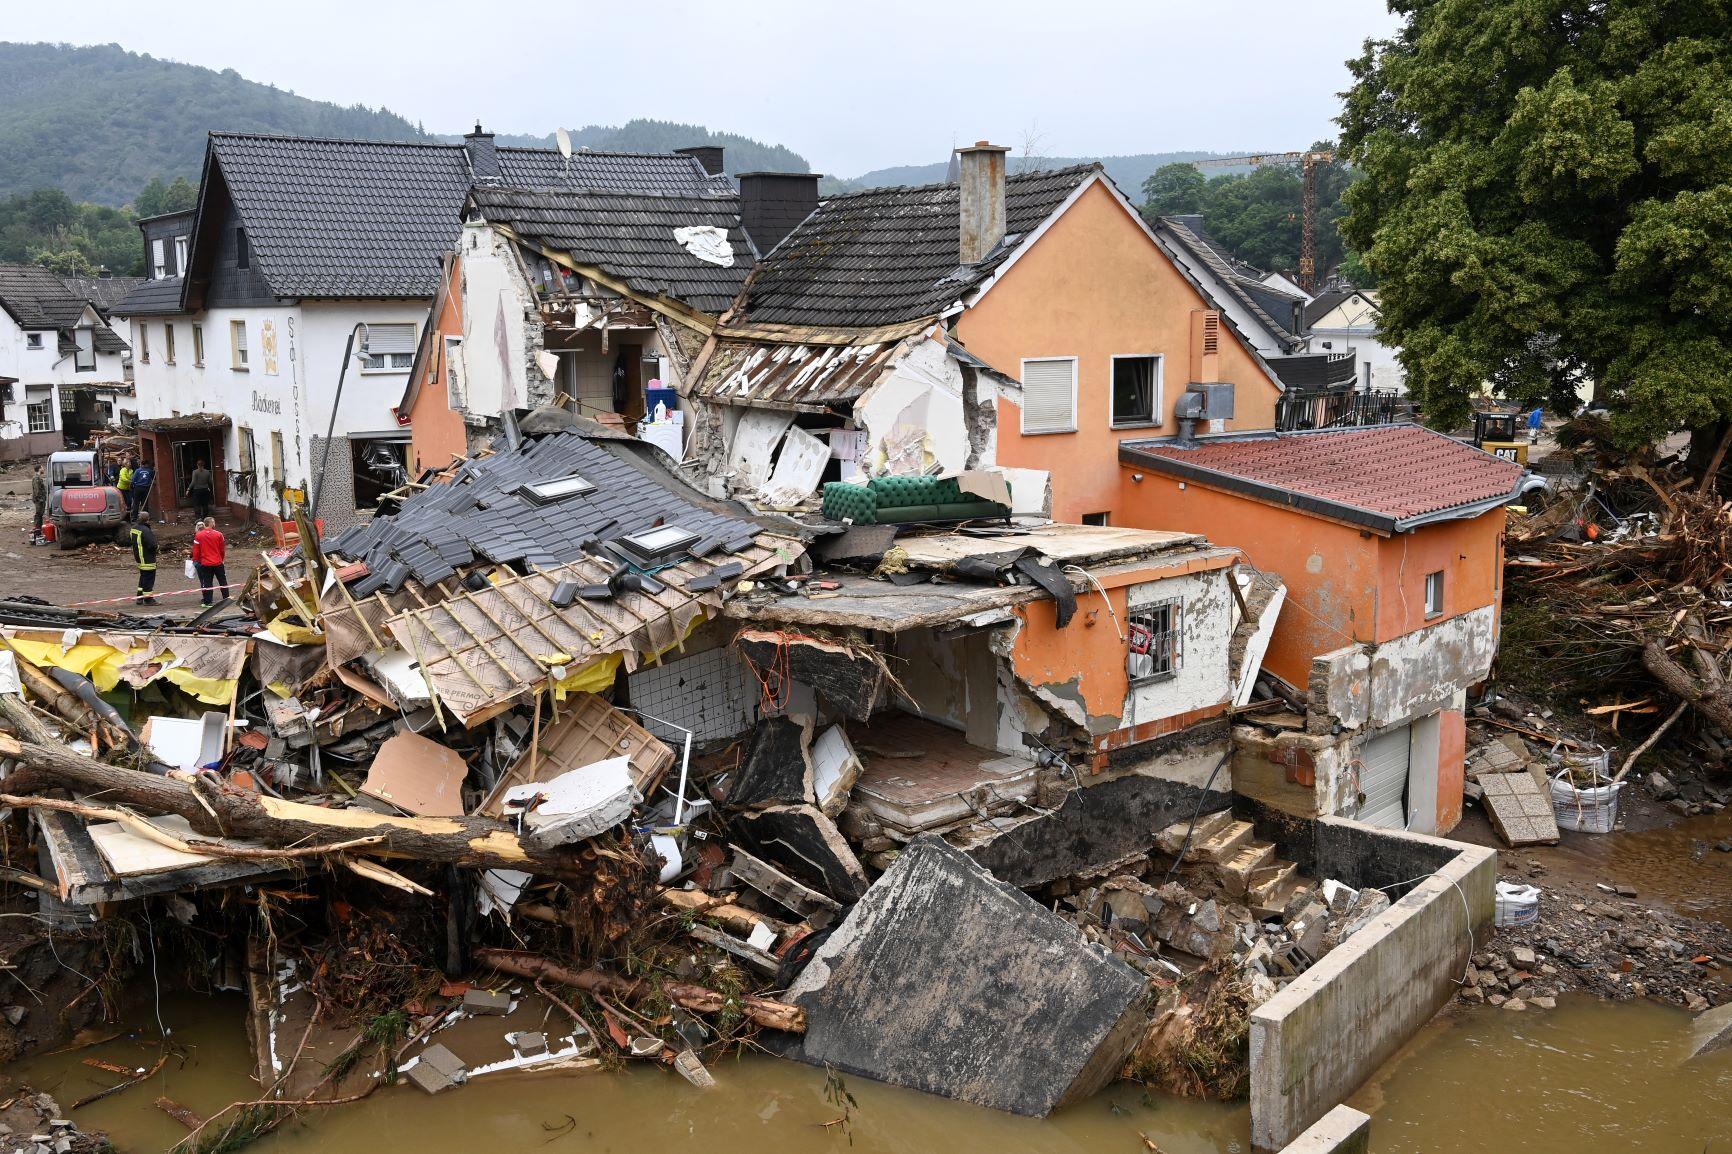 Casas destruídas pelas enchentes em Schuld, na Alemanha: especialistas defendem criação de cultura de risco em áreas onde as chuvas intensas e volumosas podem se tornar novo normal (Cristof Stache / AFP - 17/07/2021)